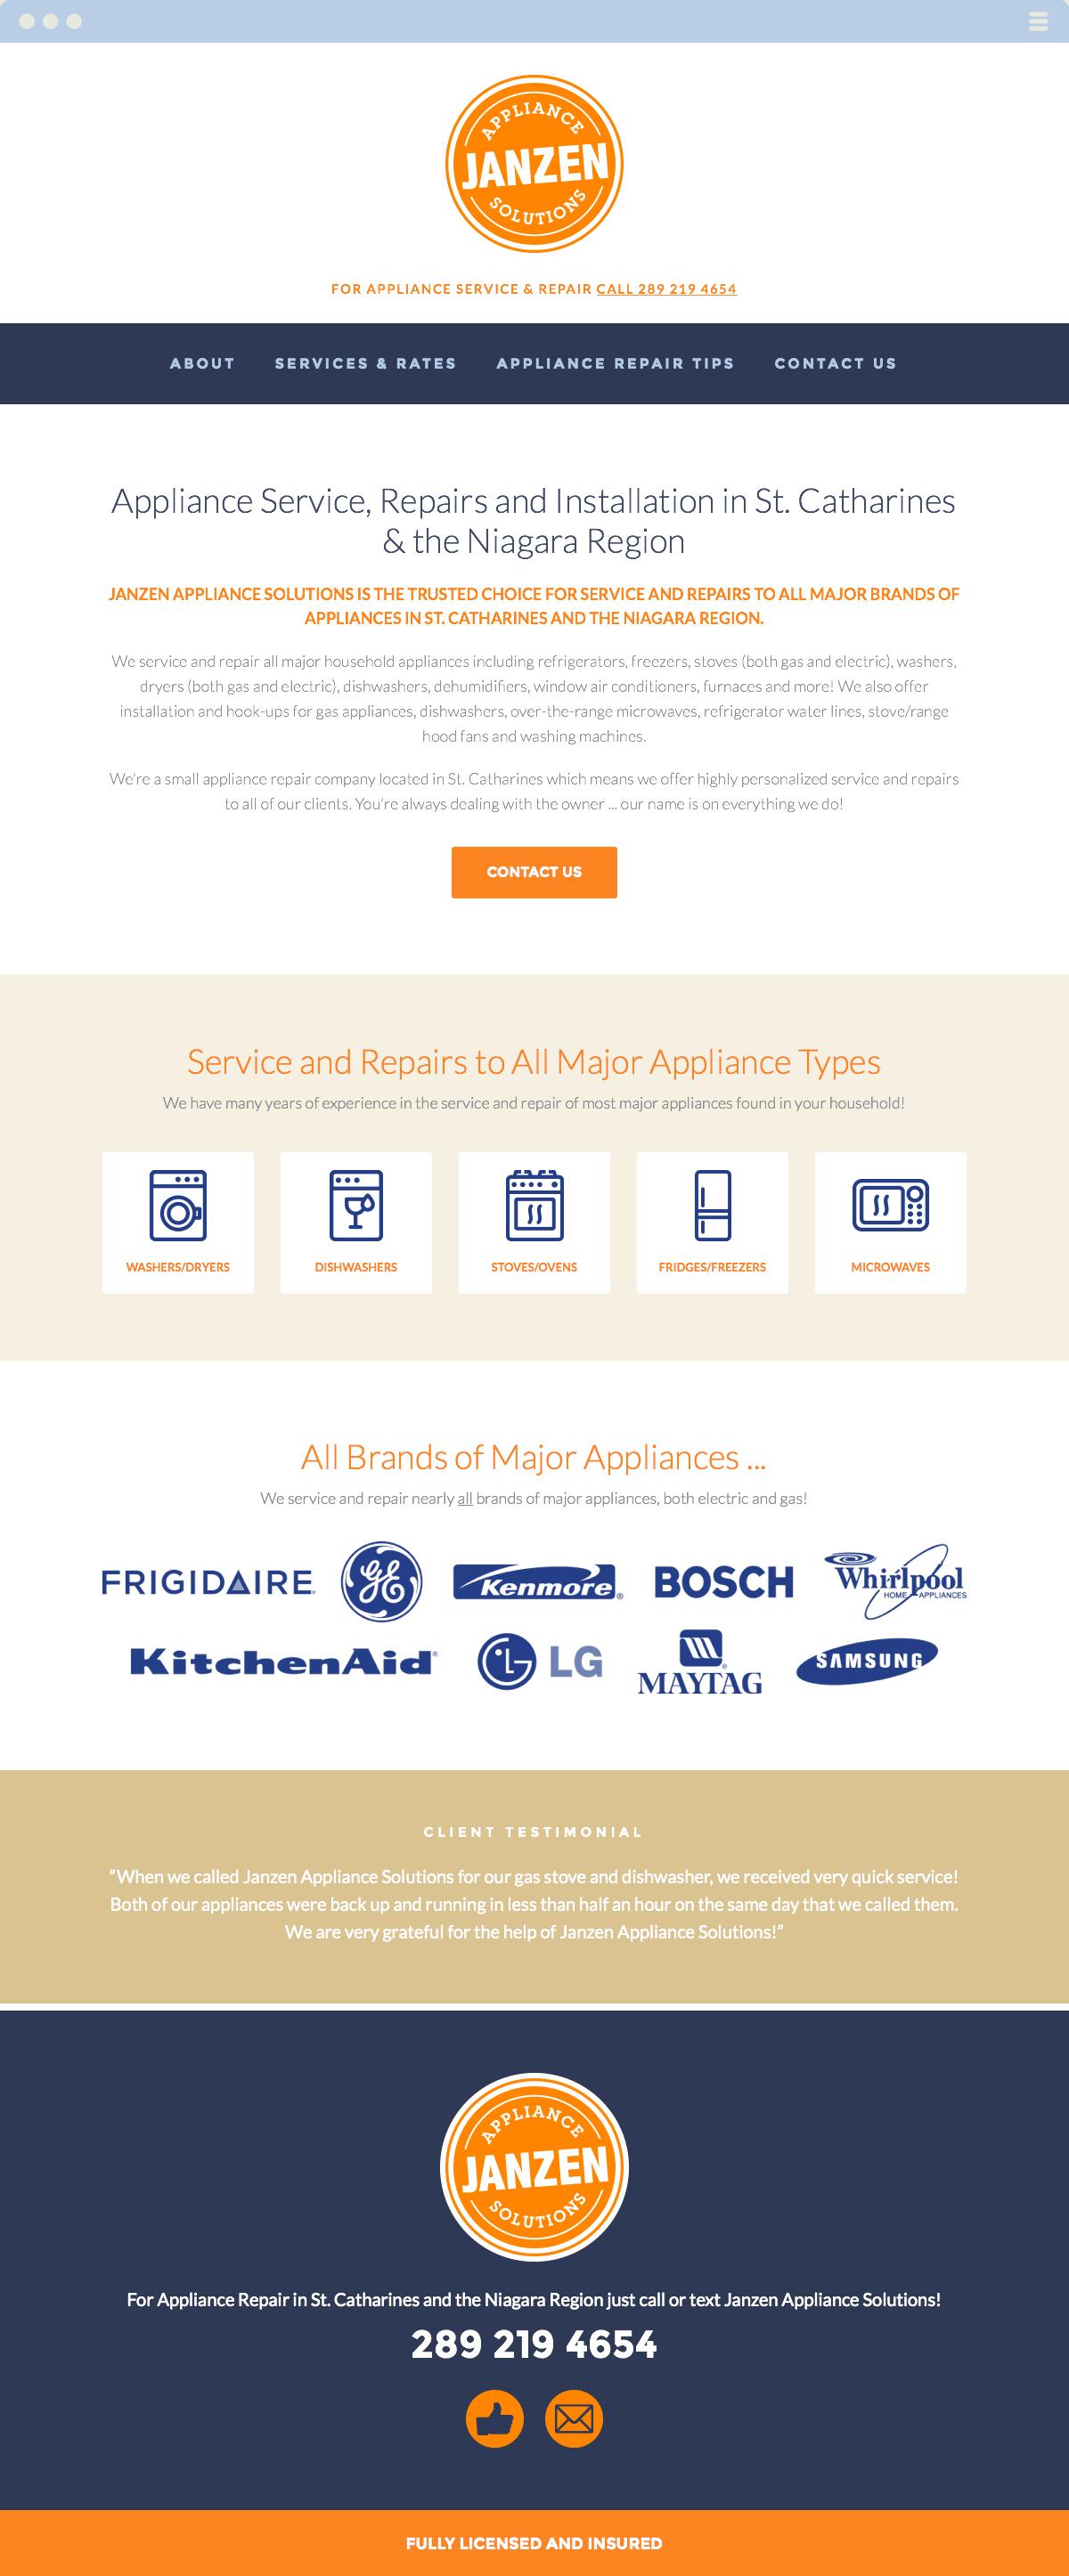 Janzen Appliance Solutions Website Design & Development Made By Frame